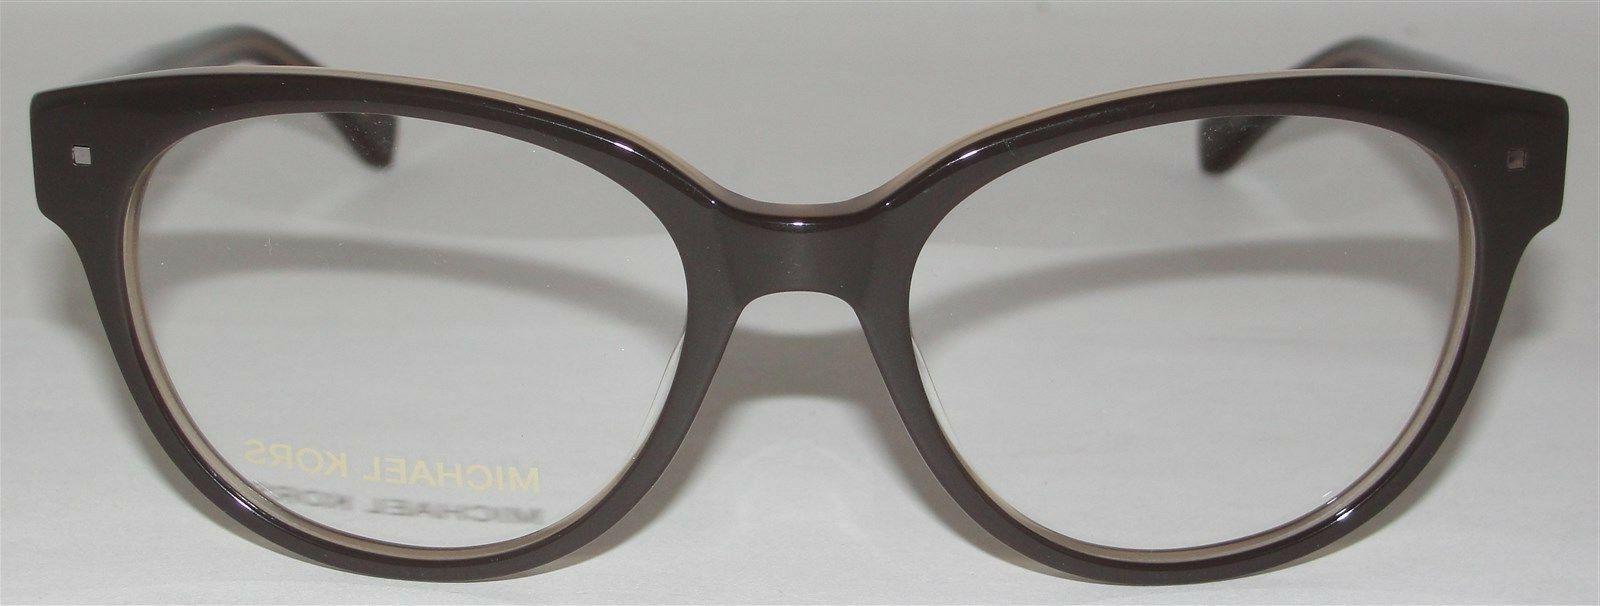 MICHAEL KORS Women's Glasses Eyeglasses MK289 200 Brown Fram